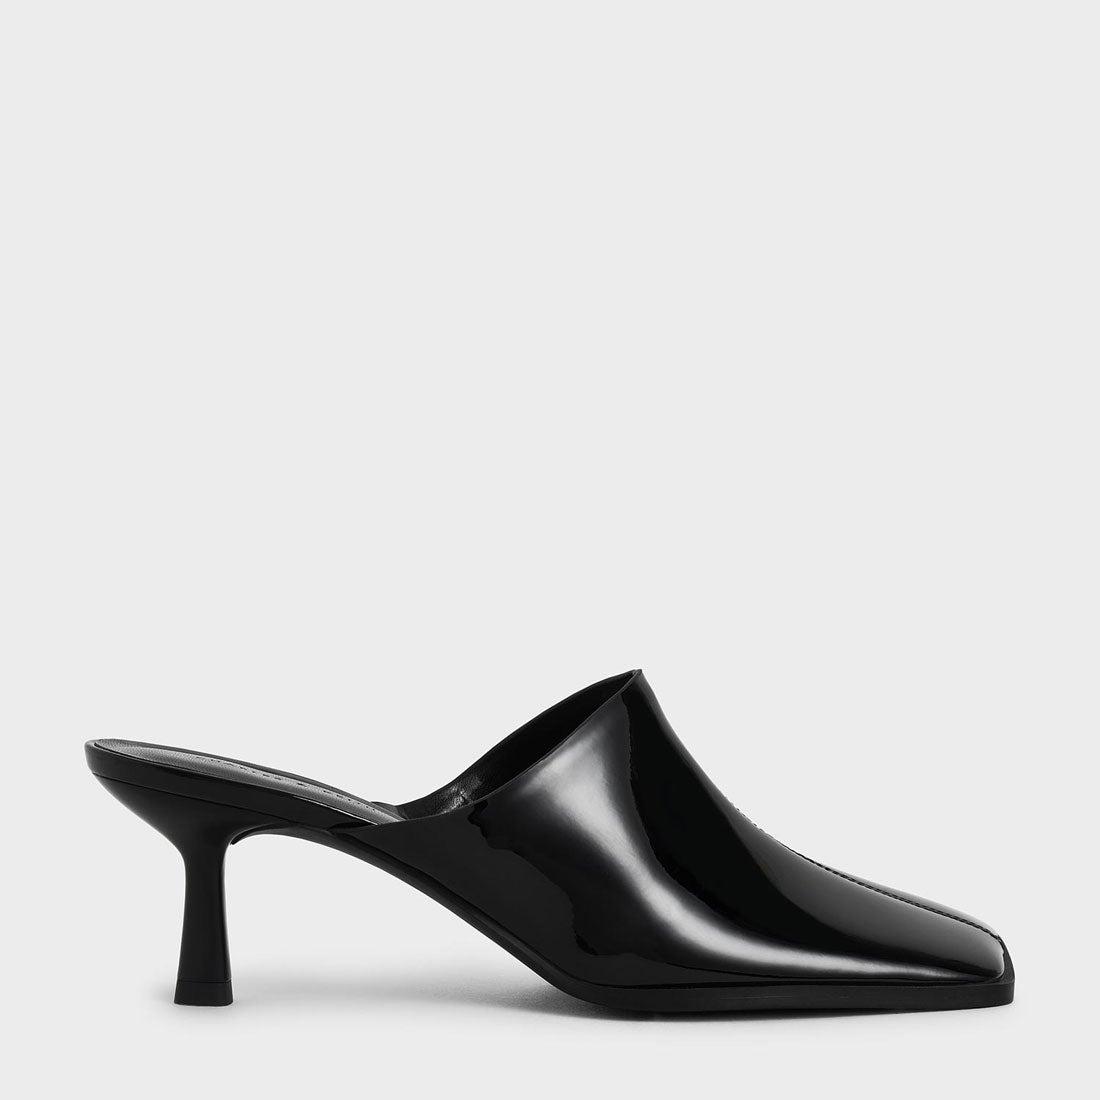 パテントスクエアトゥ ミュール / Patent Square Toe Mules (Black)